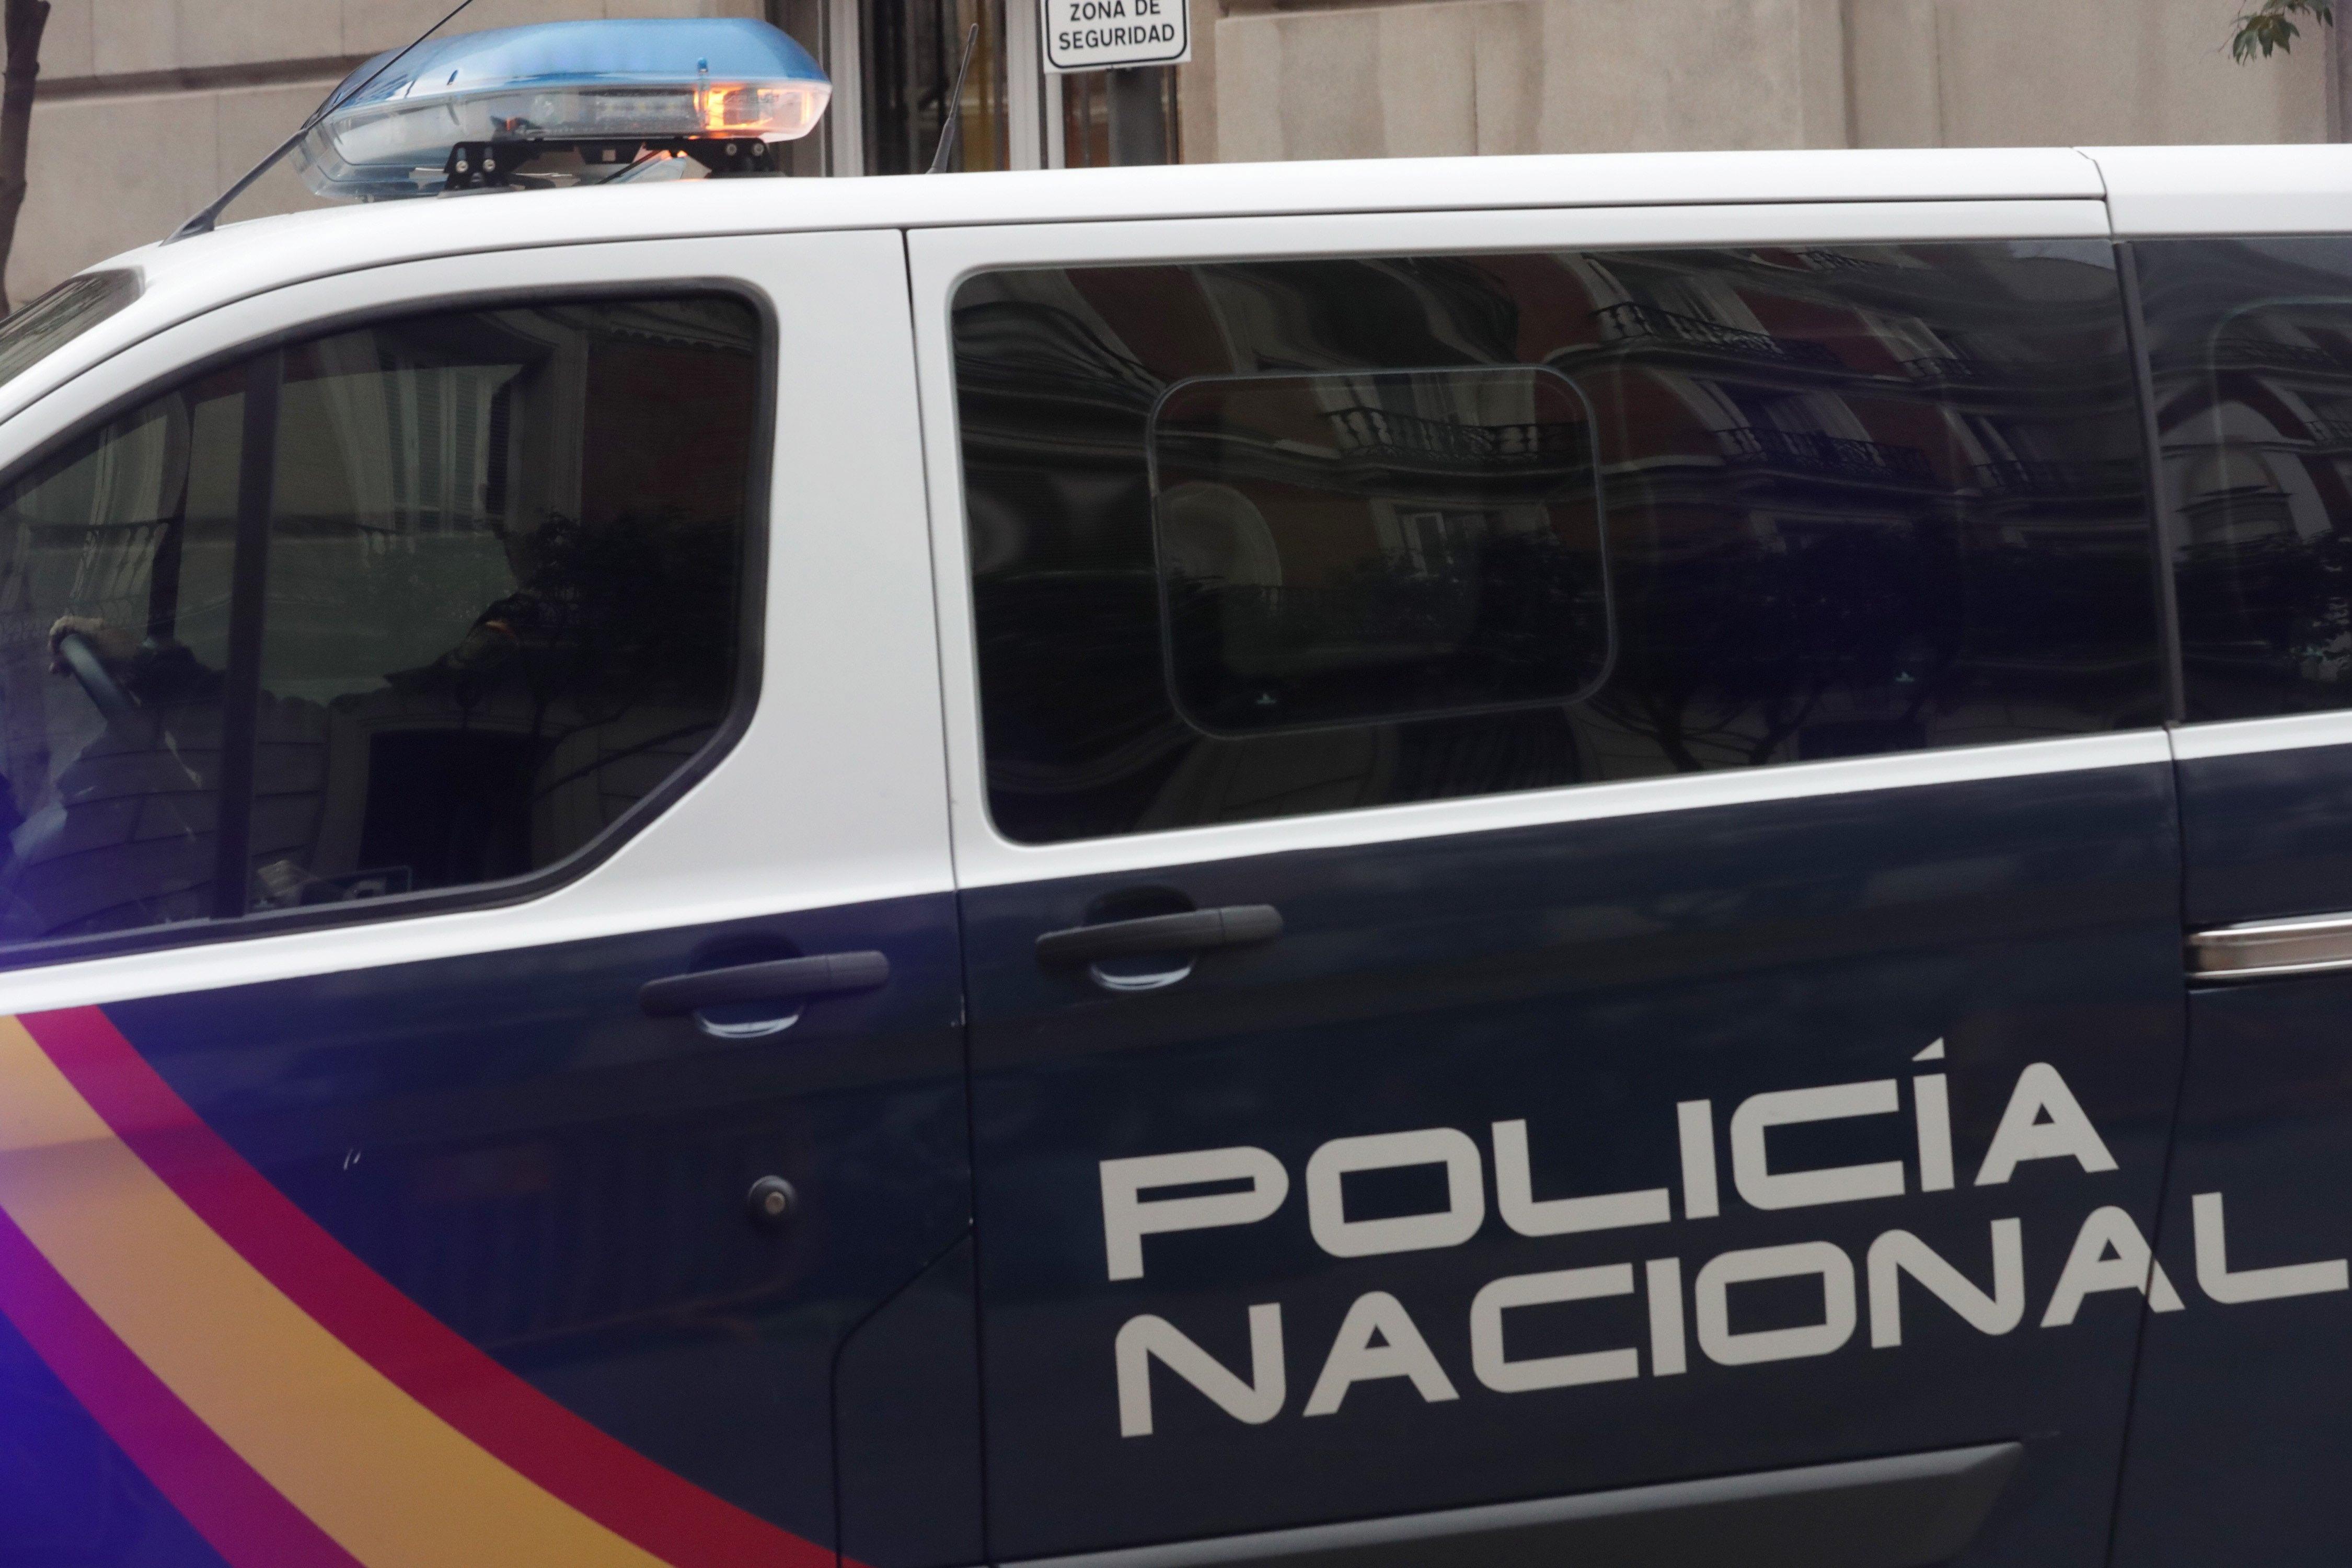 Supremo mantém prisão de ex-vice-presidente catalão